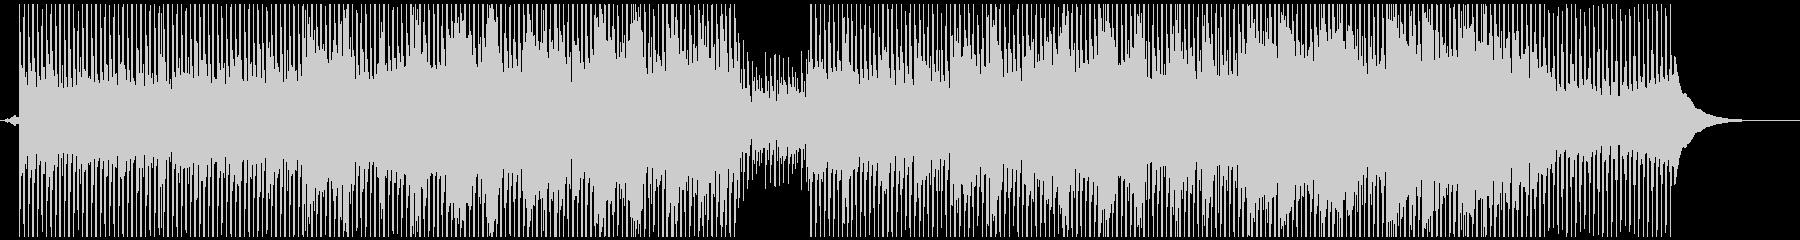 優しく温もりのあるアコギ&ピアノポップスの未再生の波形